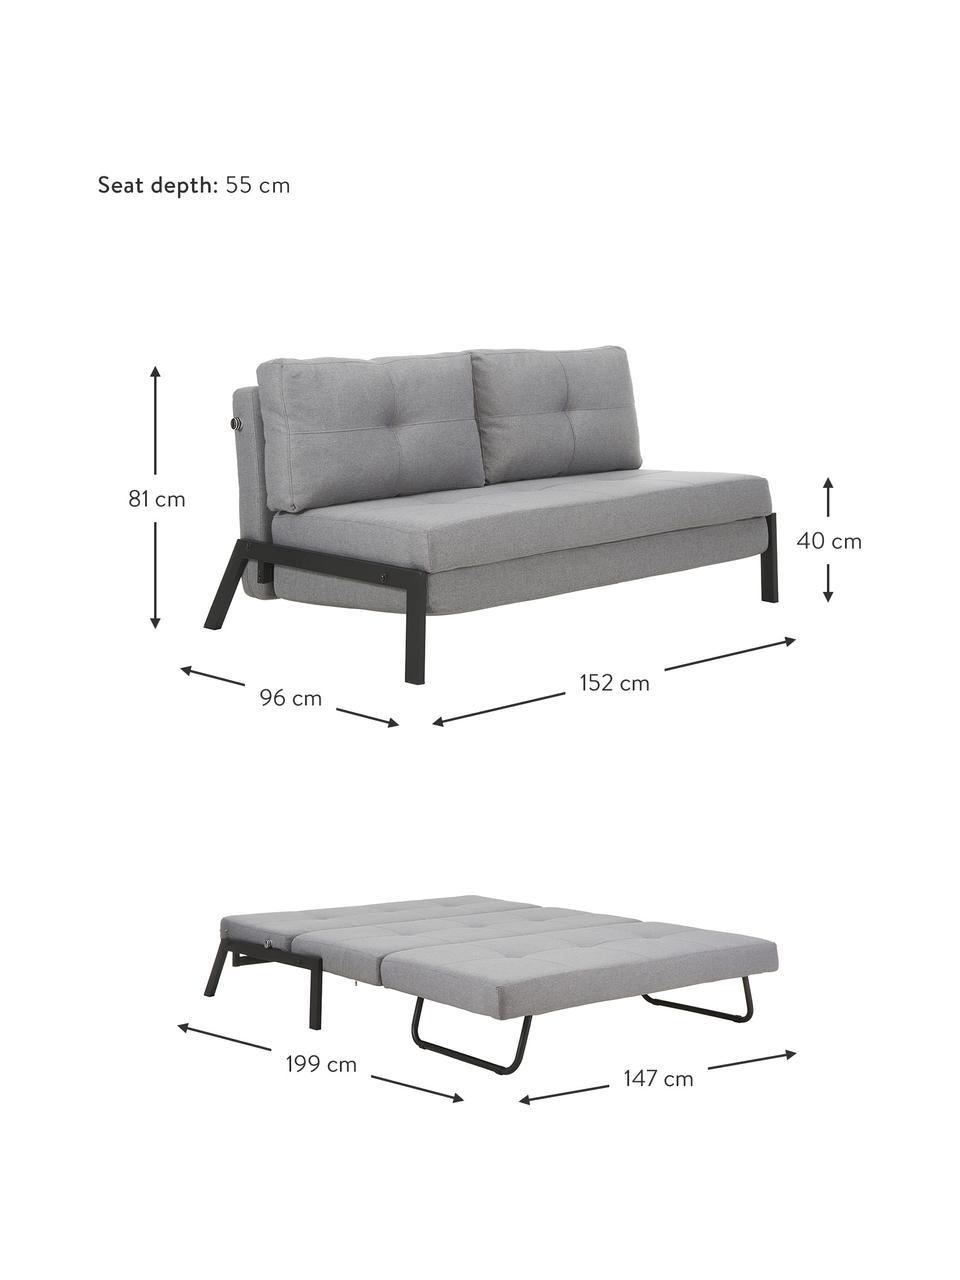 Sofa rozkładana z metalowymi nogami Edward, Tapicerka: 100% poliester 40000 cyk, Jasny szary, S 152 x G 96 cm